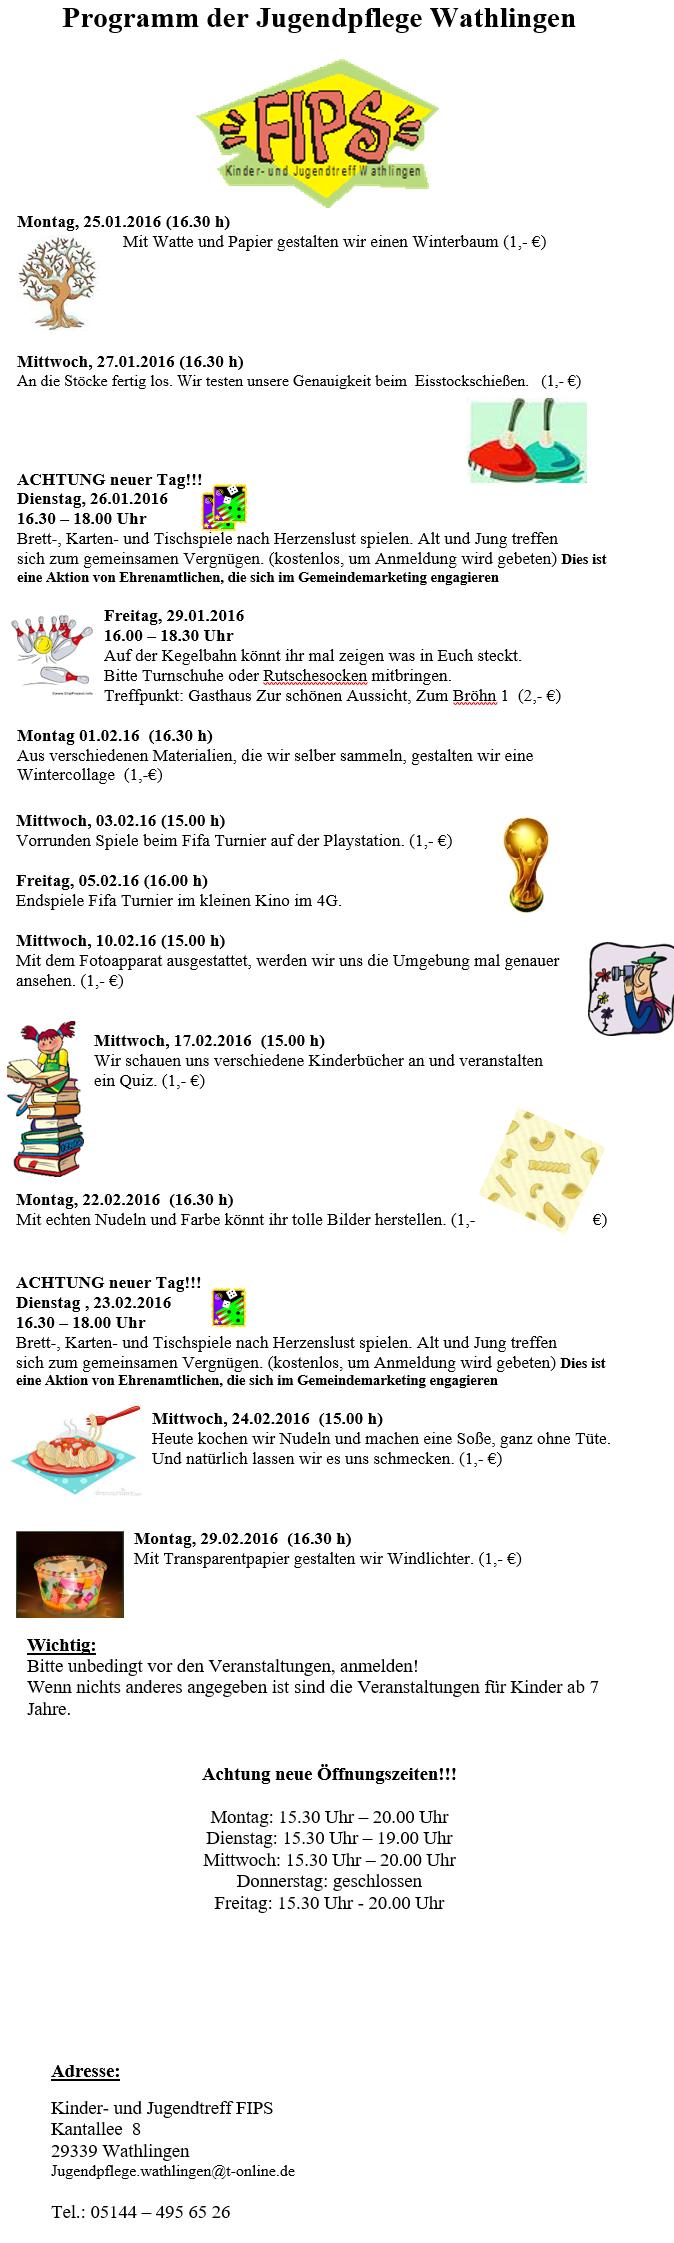 Fips_Veranstaltungsprogramm_01_216